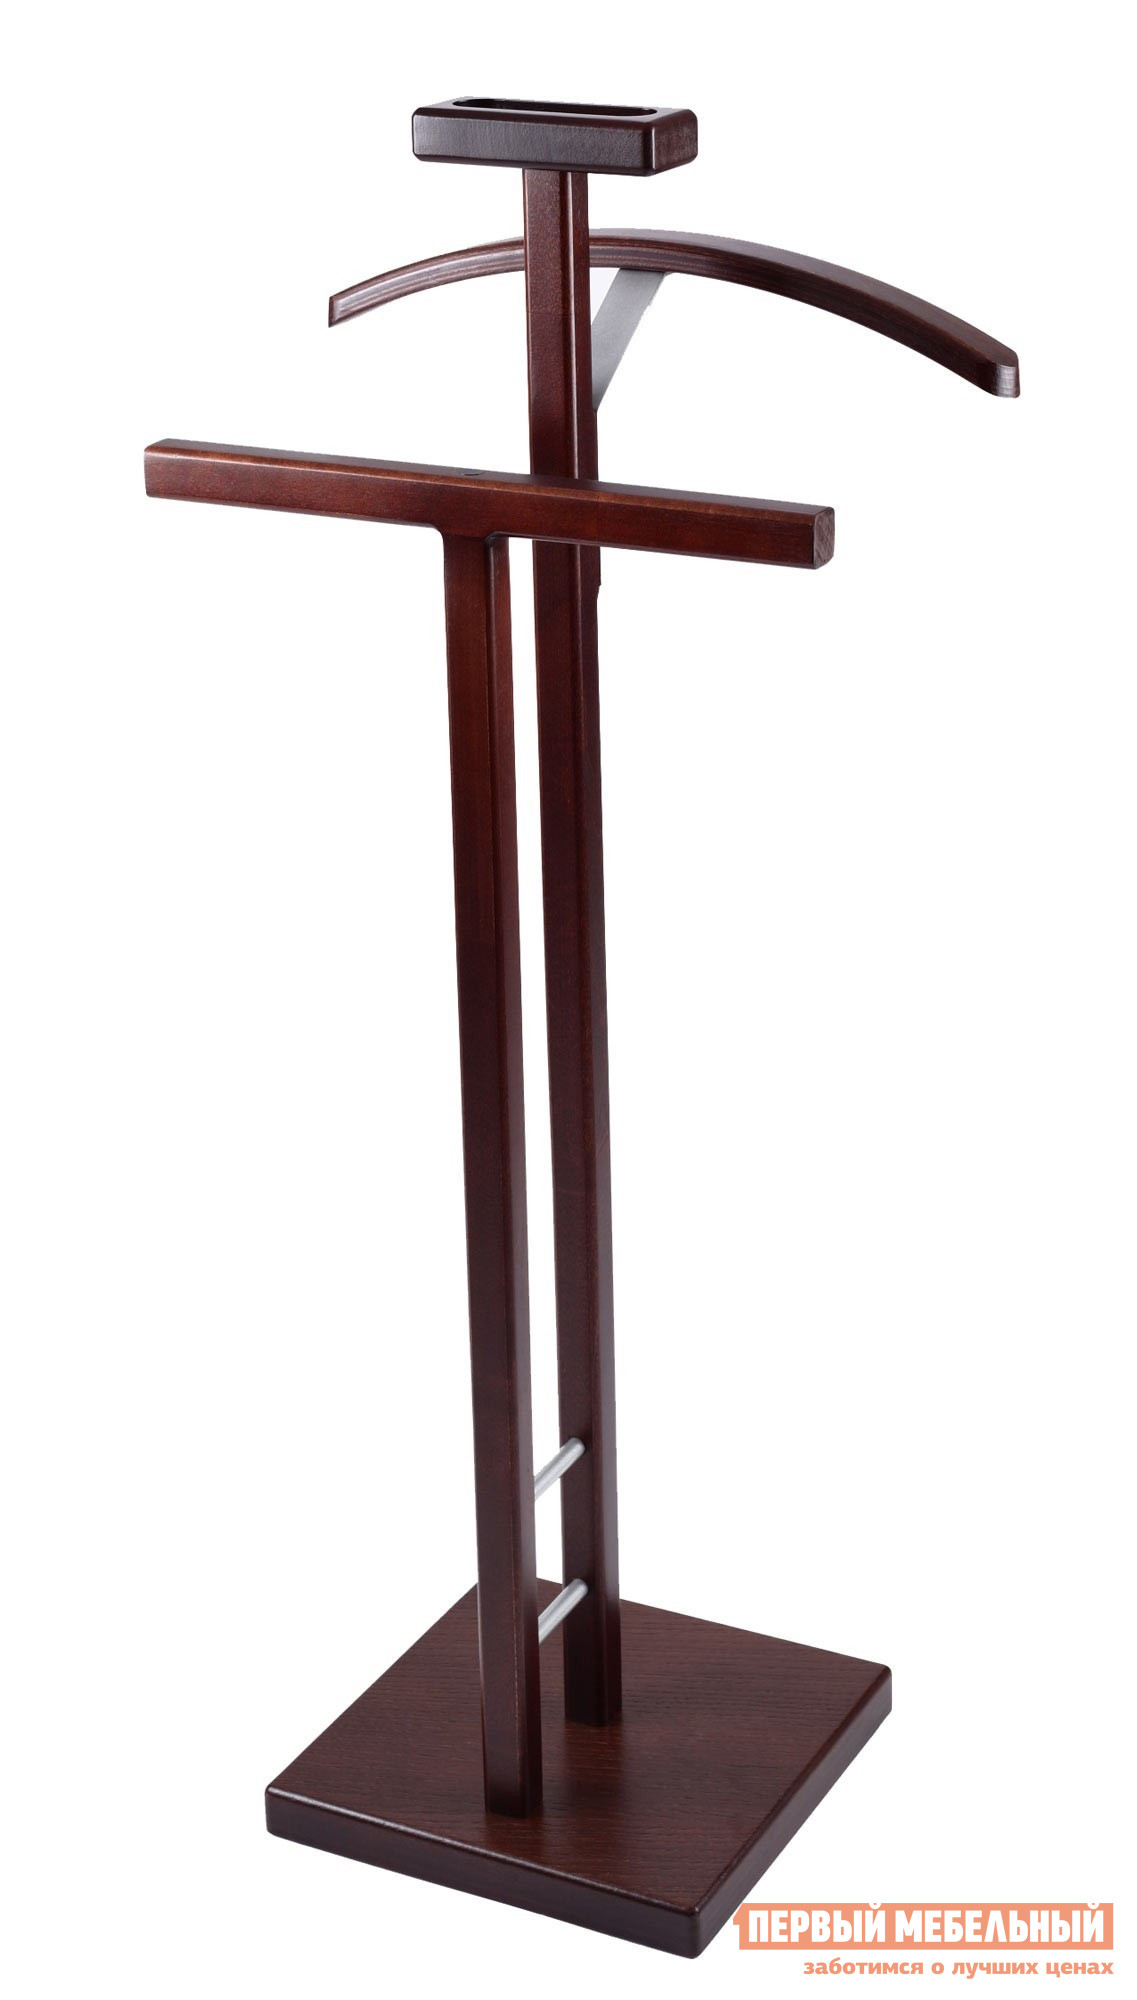 Костюмная вешалка Мебелик Галант 340 Темно-коричневый от Купистол